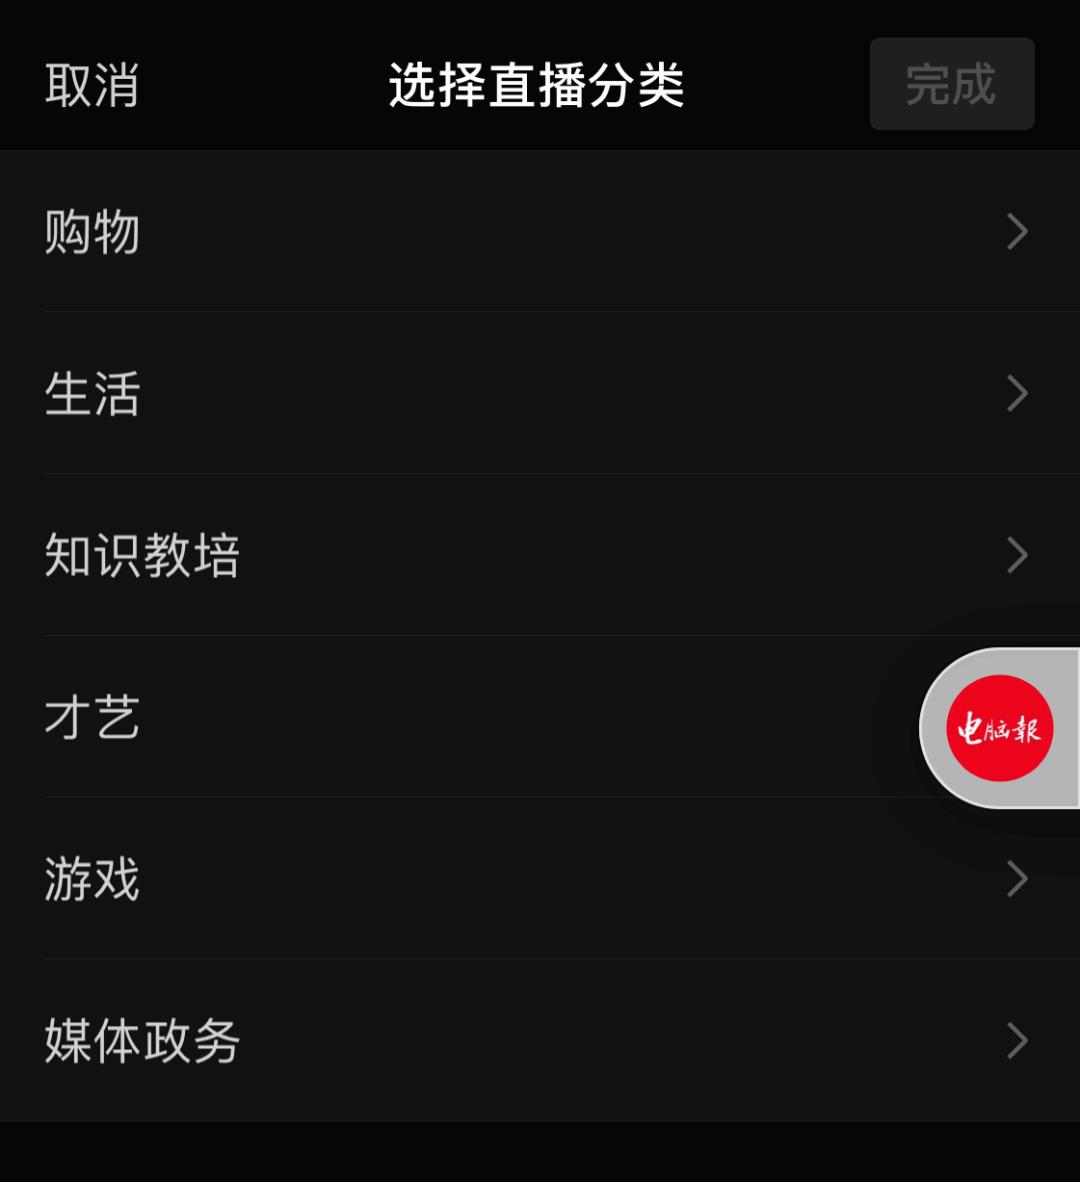 iOS版微信又更新,暗藏一个实用功能